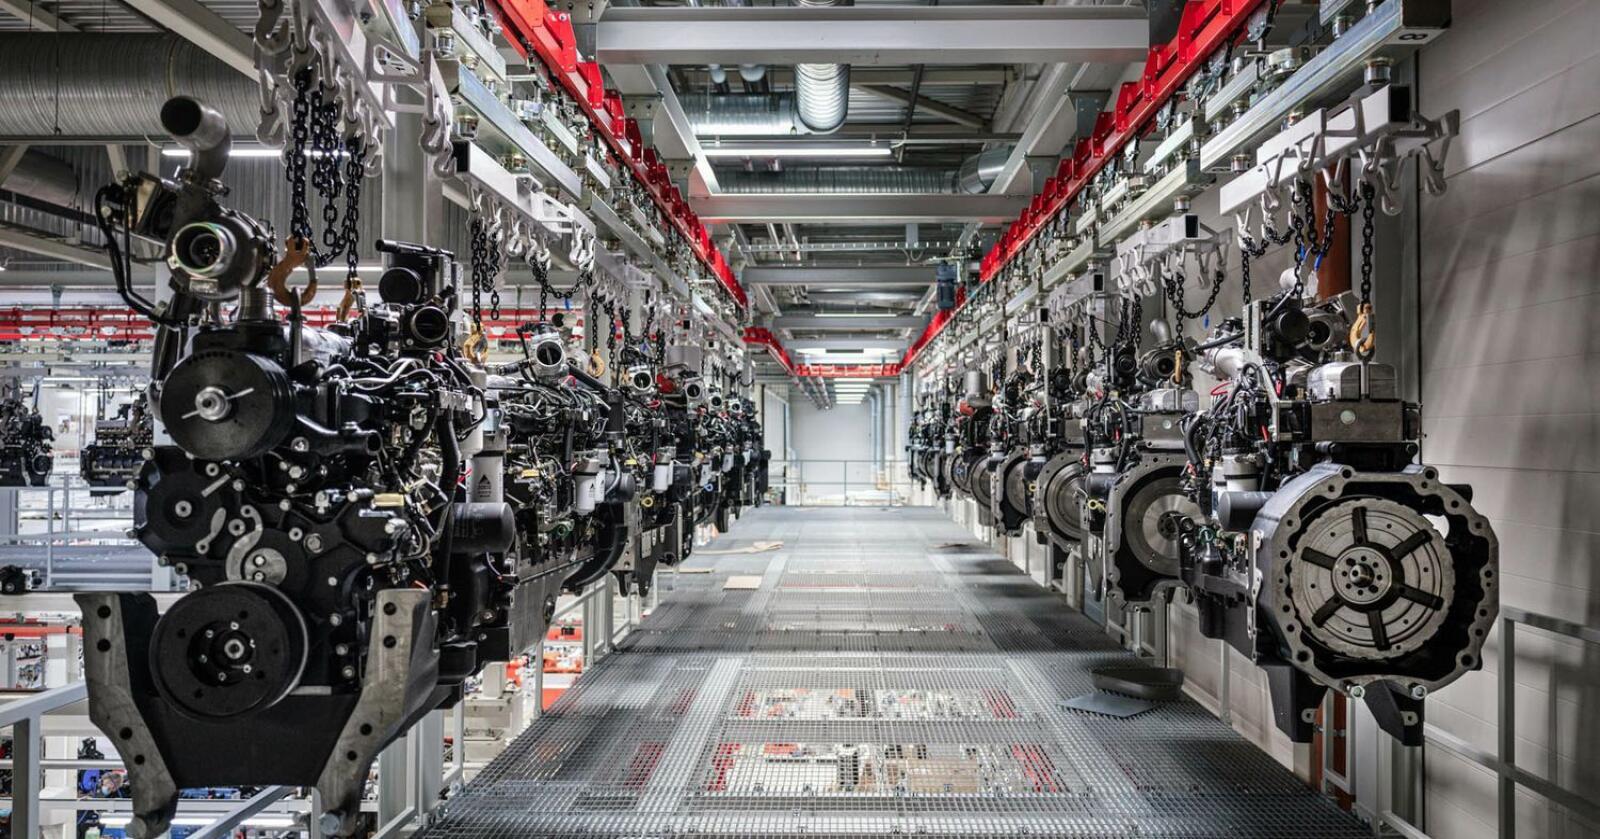 Volum: Agco power har kapasitet til å produsere inntil 100 000 motorer pr år. Motorene benyttes i Valtra, Fendt og Massey Ferguson traktorer.